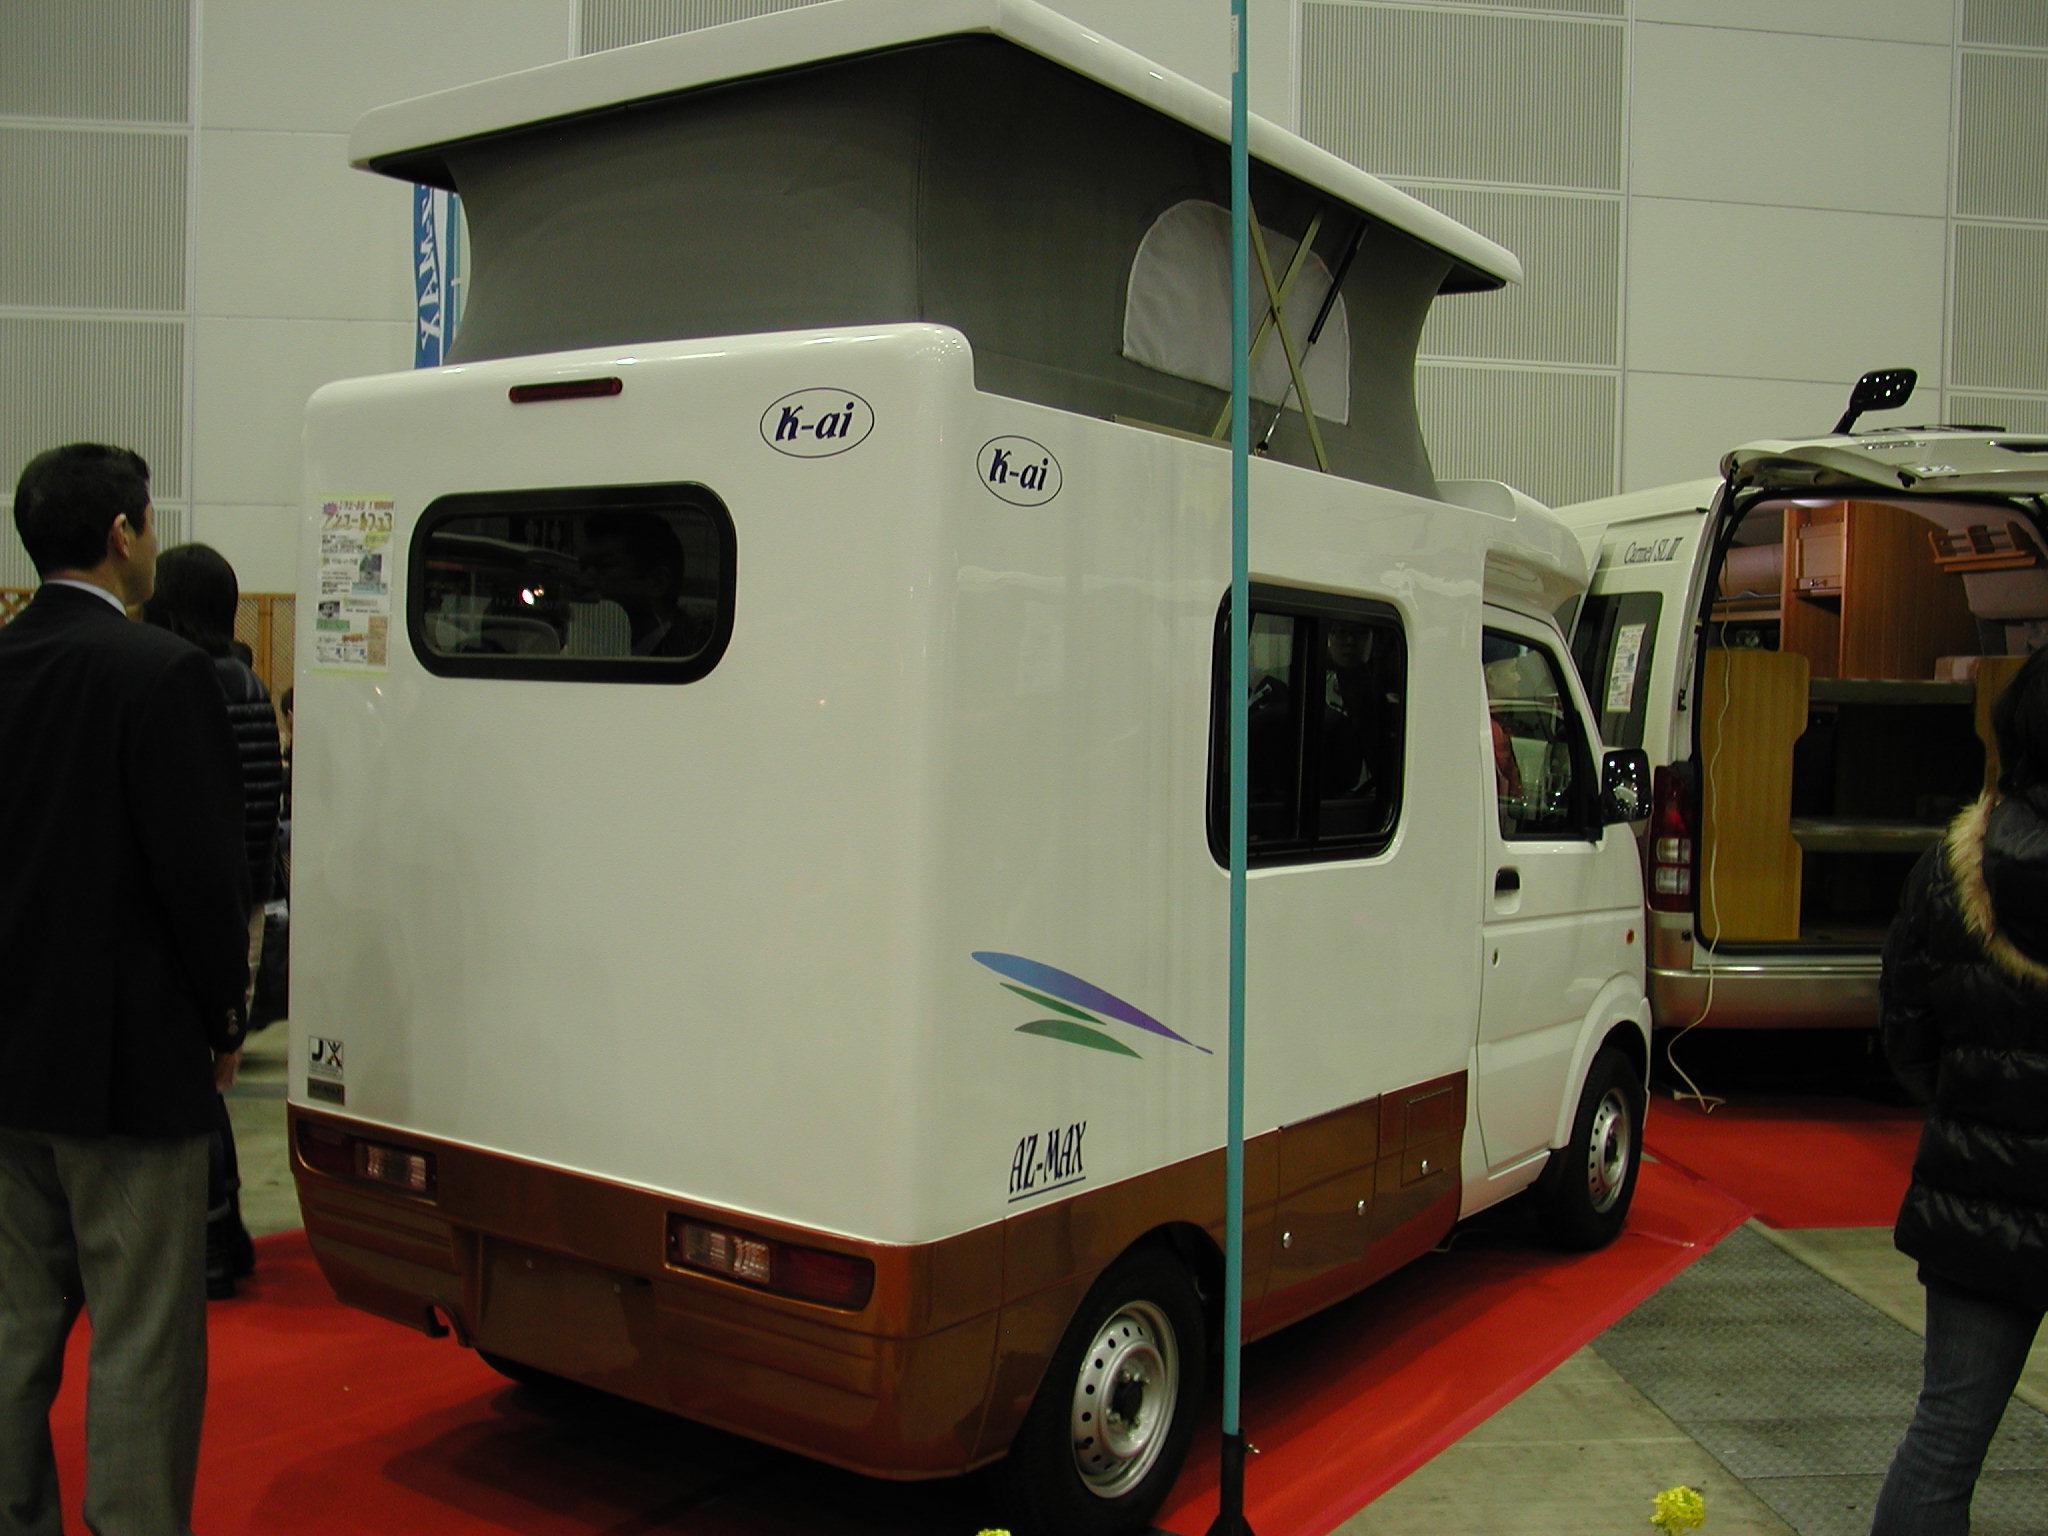 EPSN0761